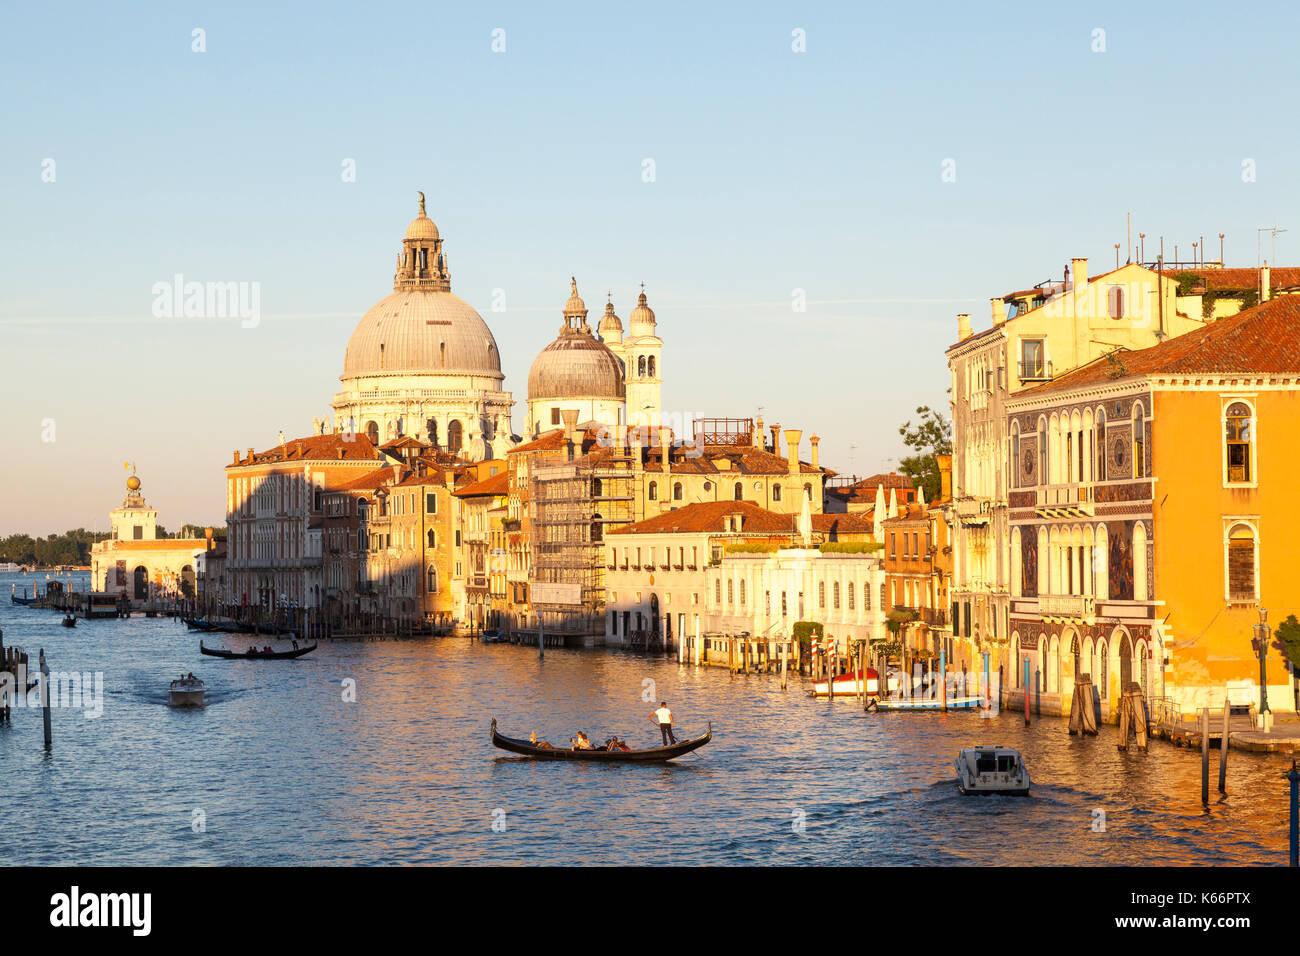 Sonnenuntergang auf den Canale Grande und die Basilika Santa Maria della Salute, Venedig, Italien mit einer Gondel und Boote auf dem Kanal. Warme goldene Stunde Licht. Stockbild